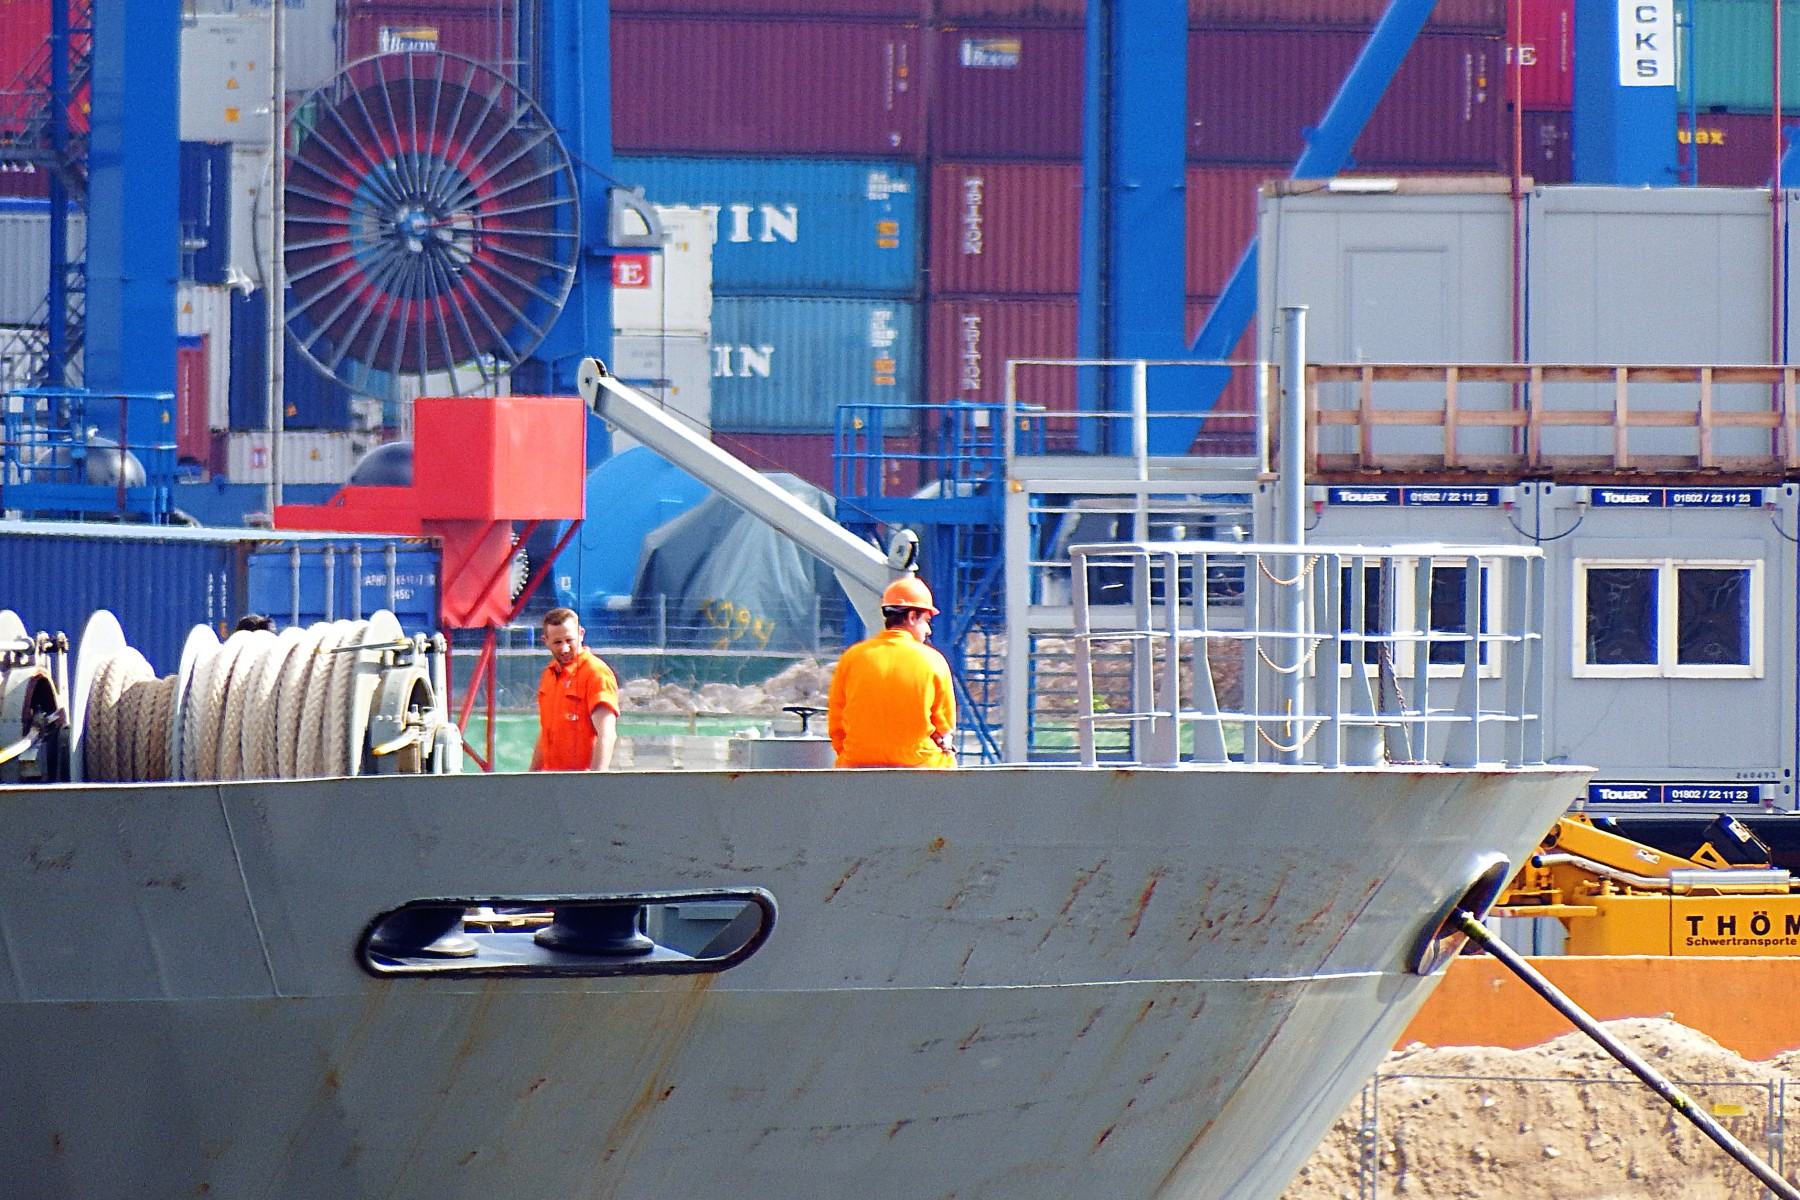 Βέλτιστες πρακτικές για την ασφάλεια των ναυτικών